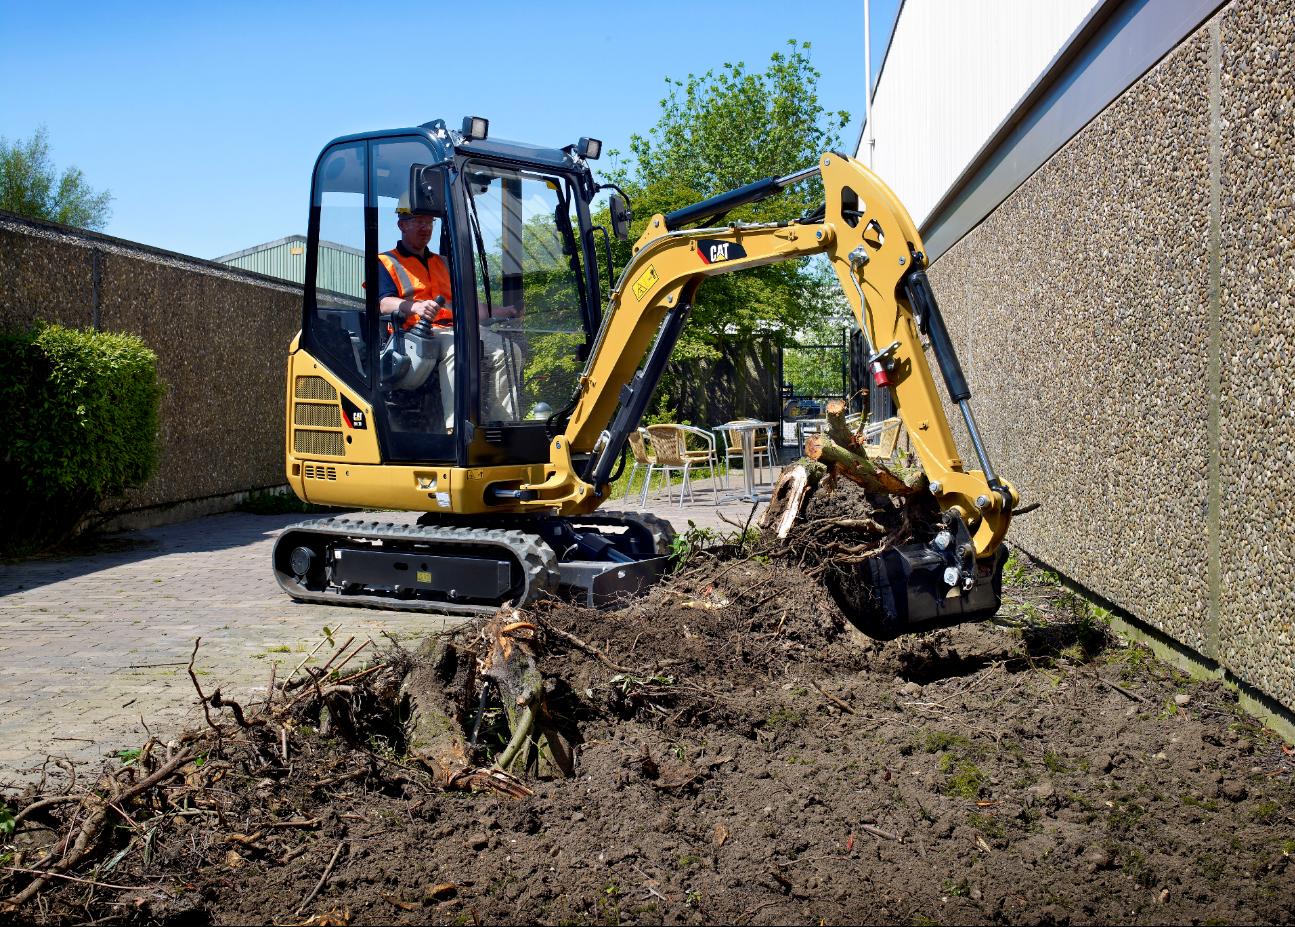 mini-excavator-landscaping